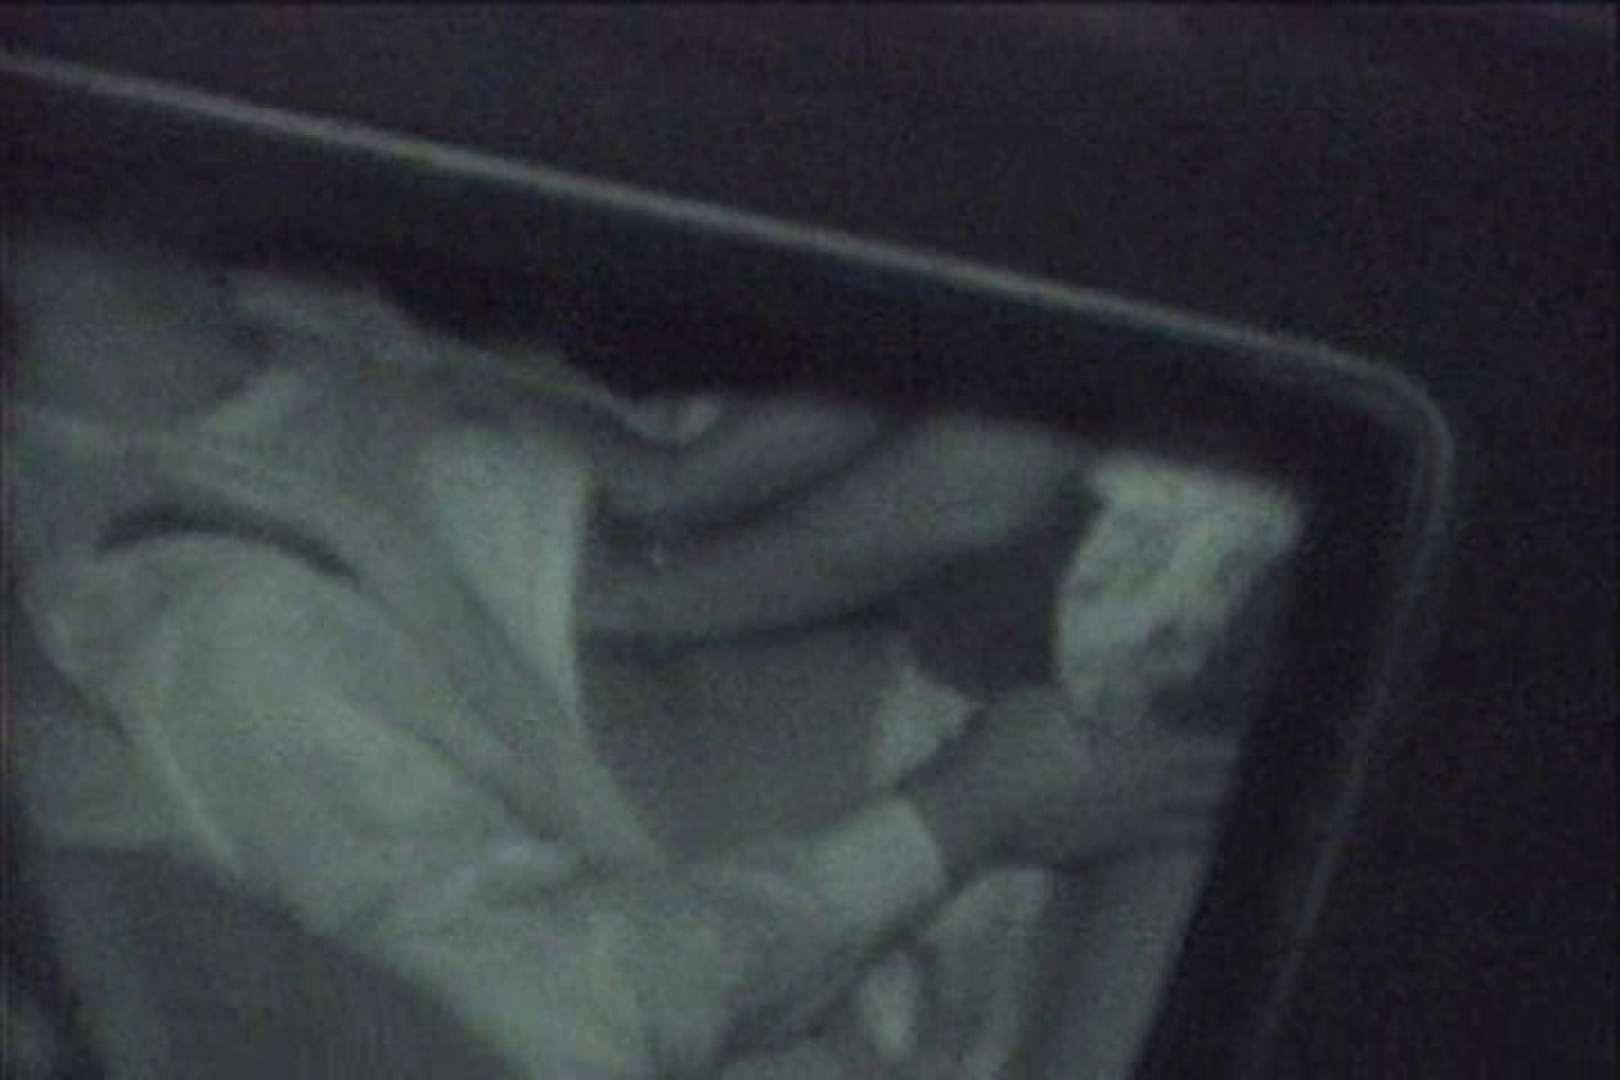 車の中はラブホテル 無修正版  Vol.16 丸見え | 覗き  52連発 12